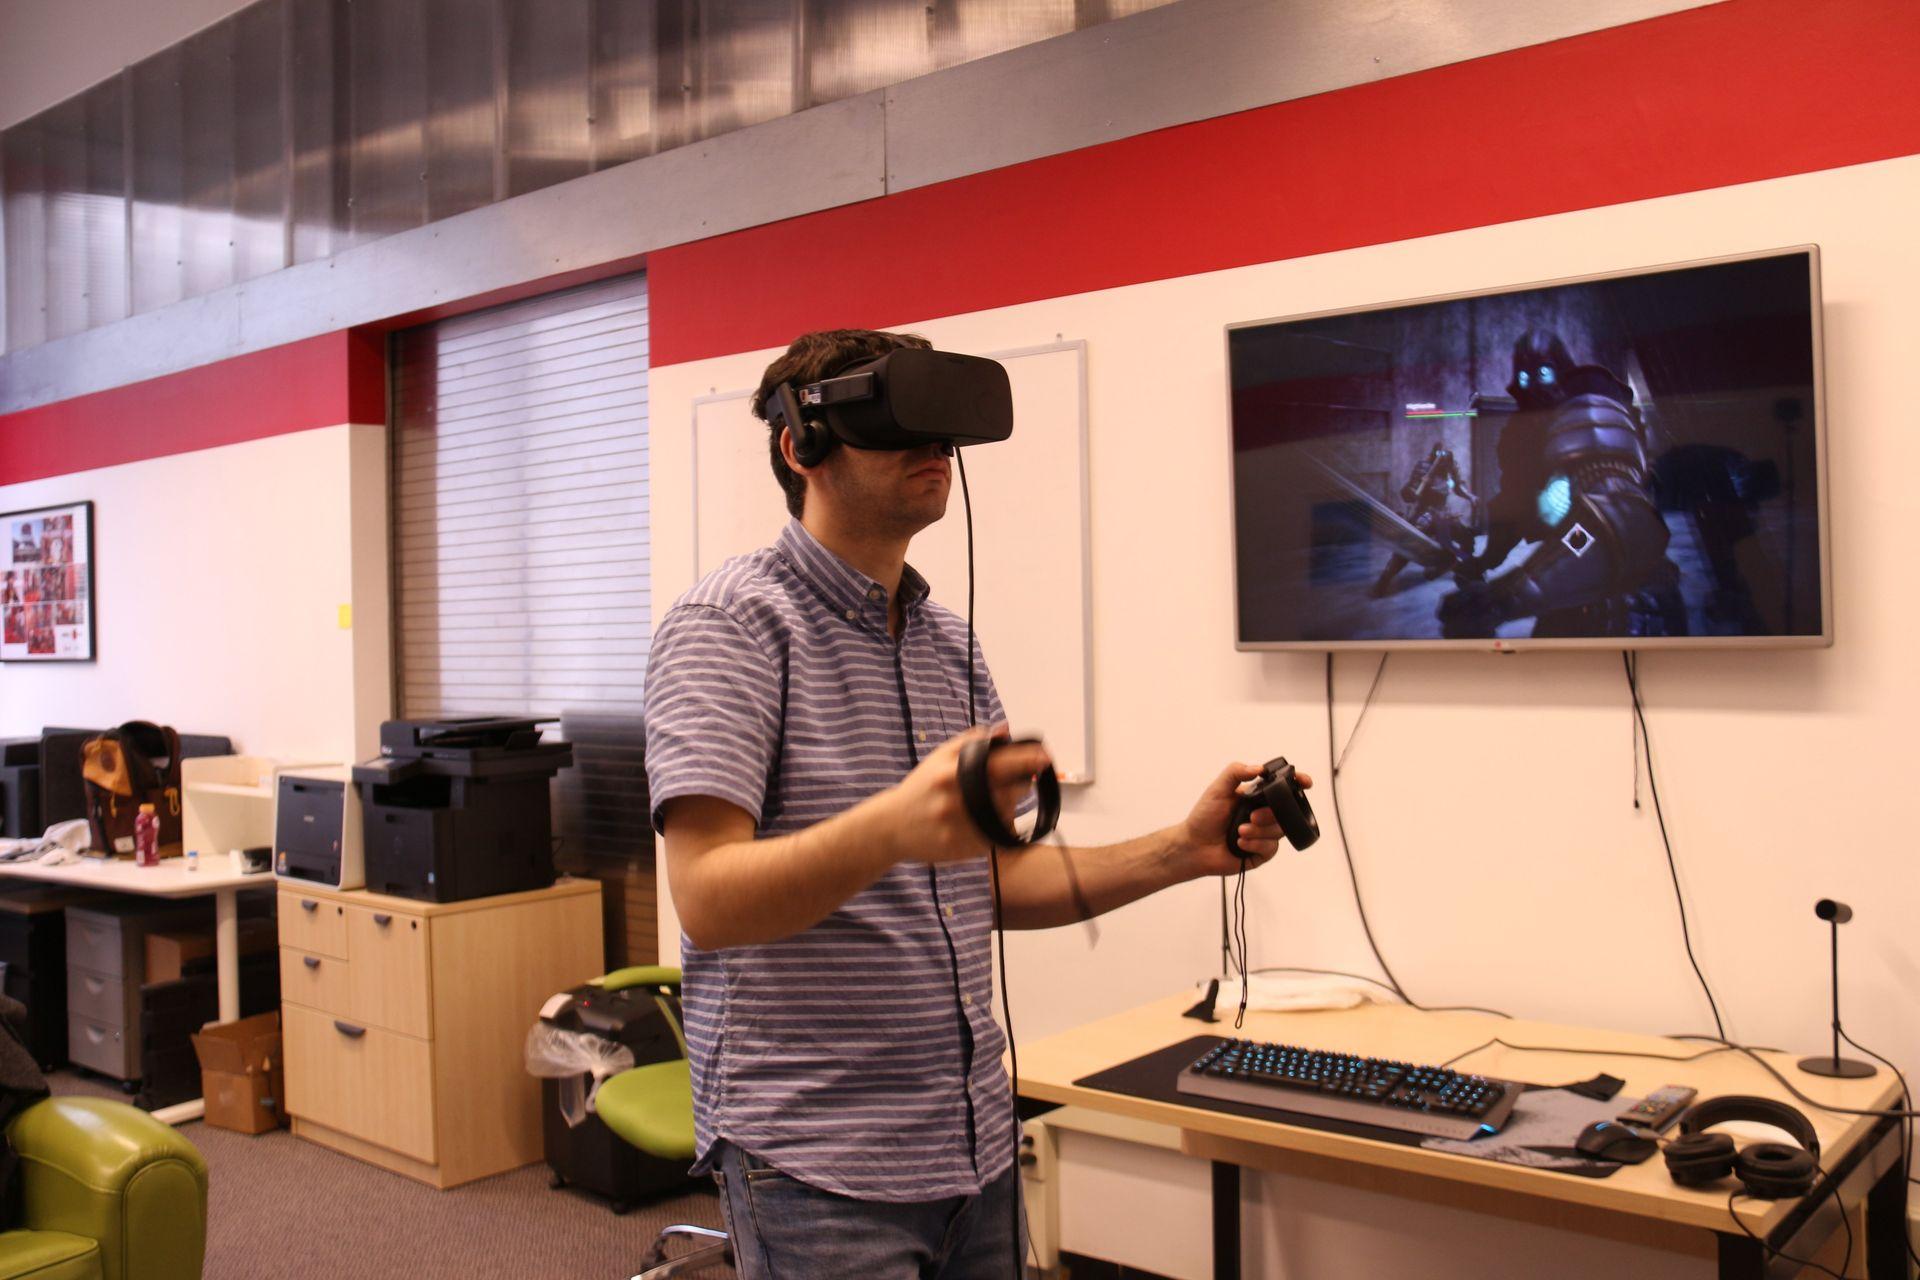 Oculus Riftで開発が進められている